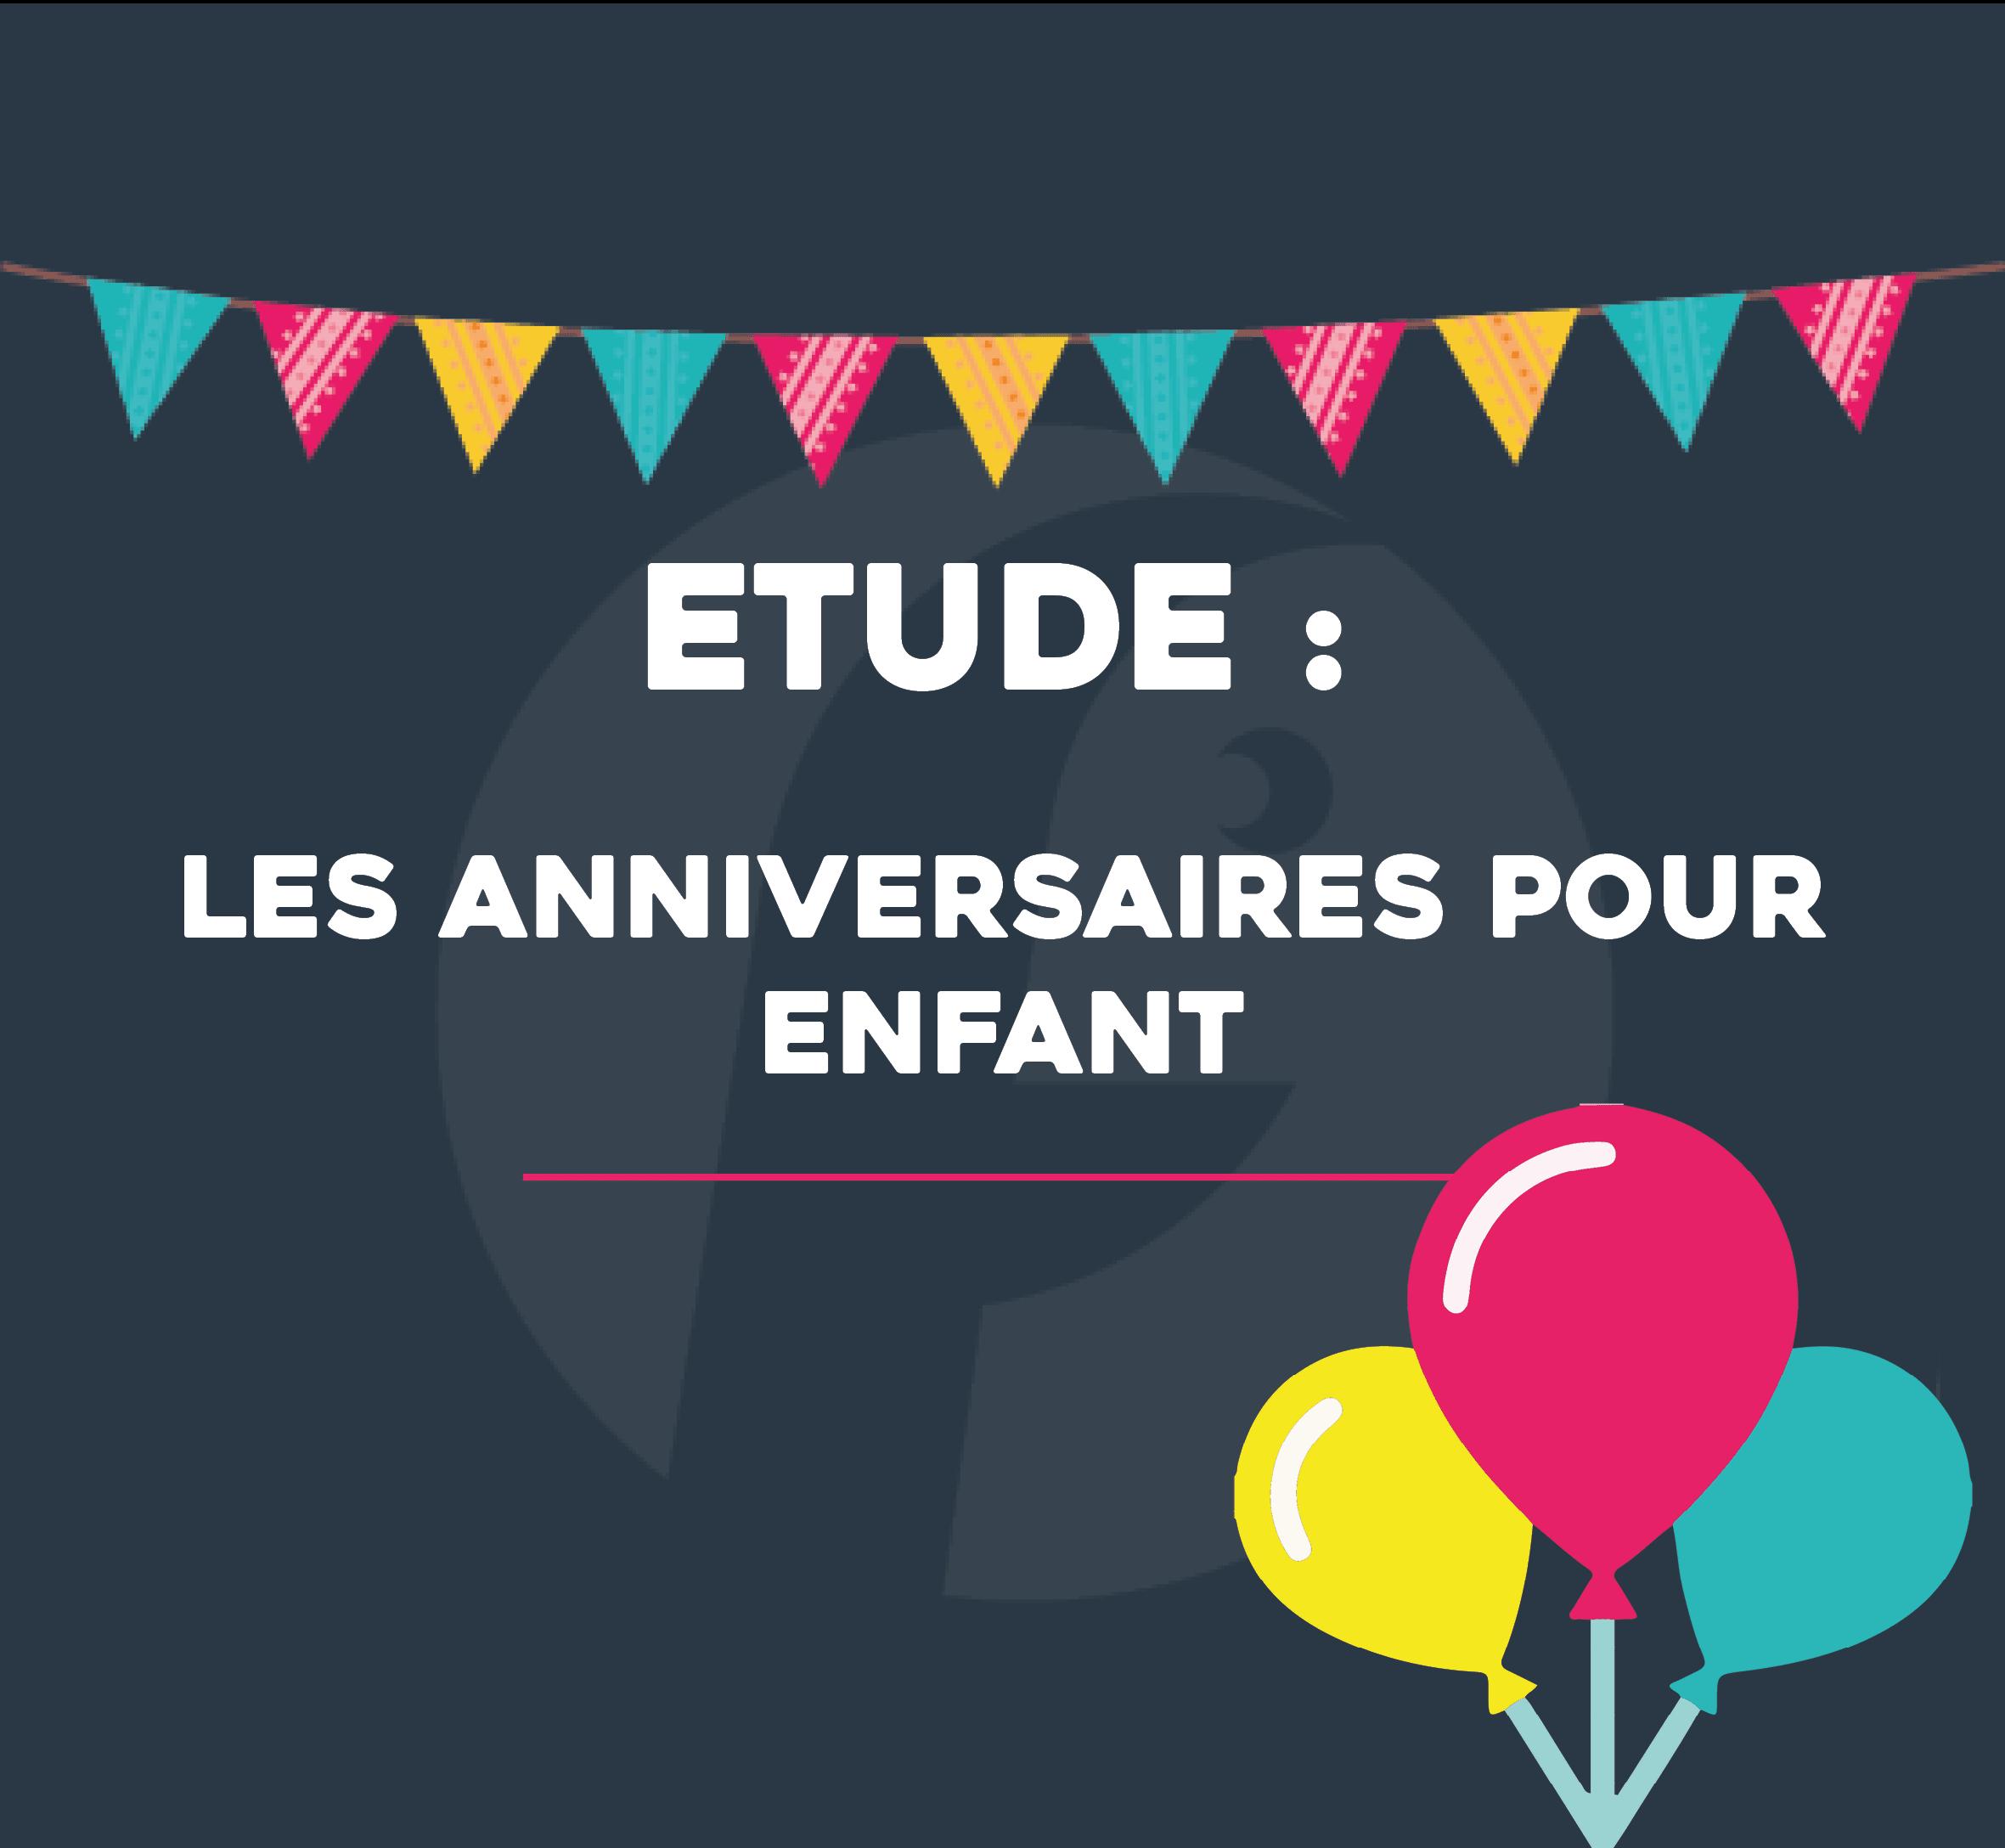 anniversaires enfant études français